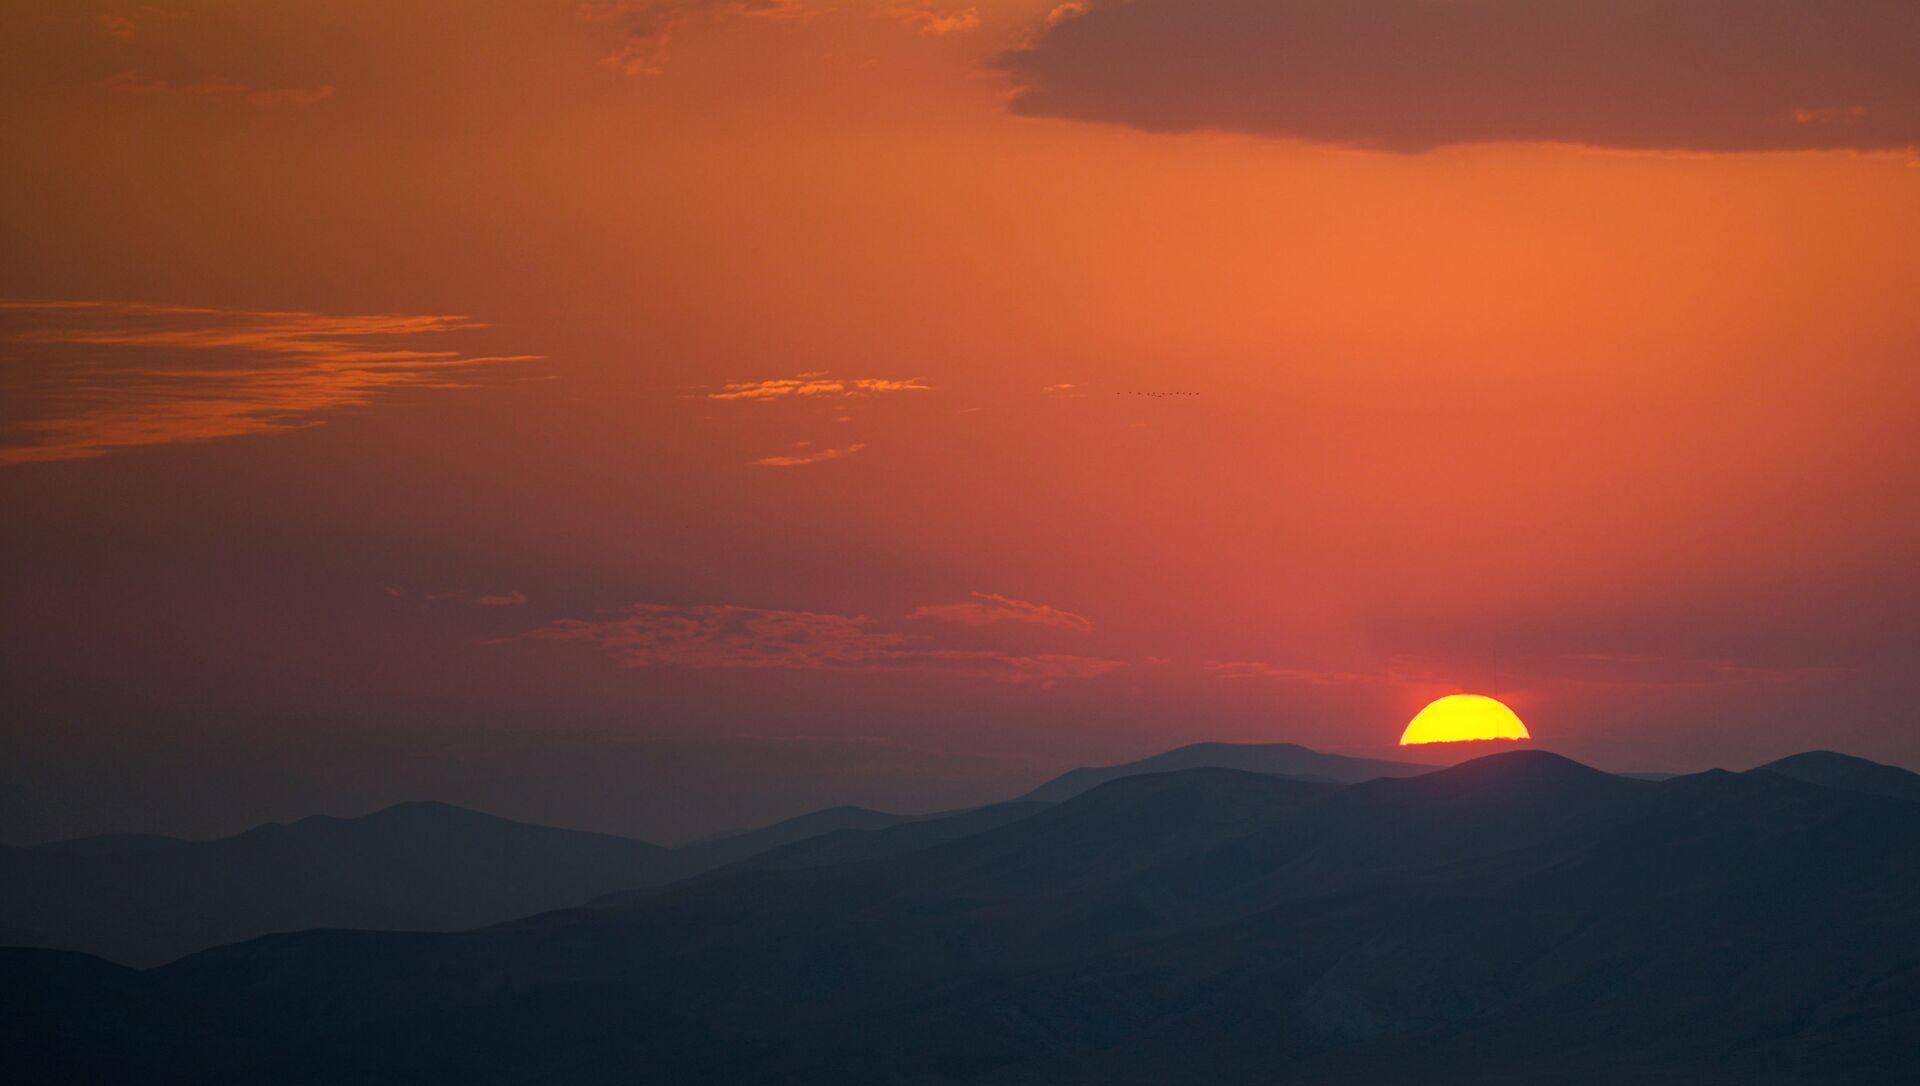 Закат солнца в городе Гусар - Sputnik Азербайджан, 1920, 14.09.2021